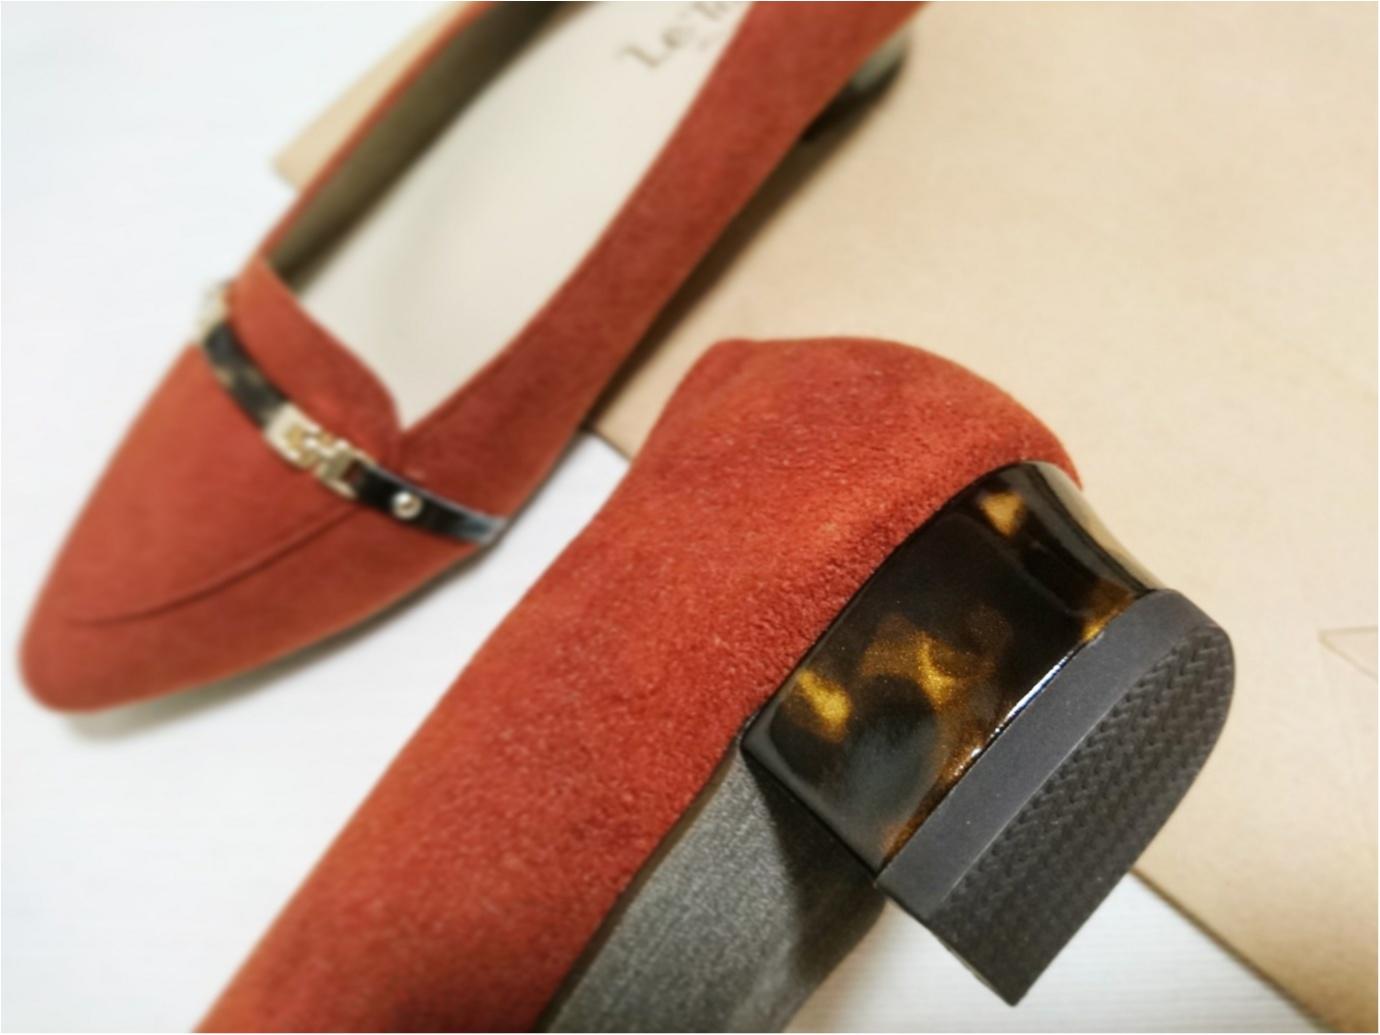 【ファッション】上品で女性らしいデザインに加え、幅広いサイズ展開が魅力 ! 『Le Tolon (ルタロン) 』のお気に入りシューズ♪_3